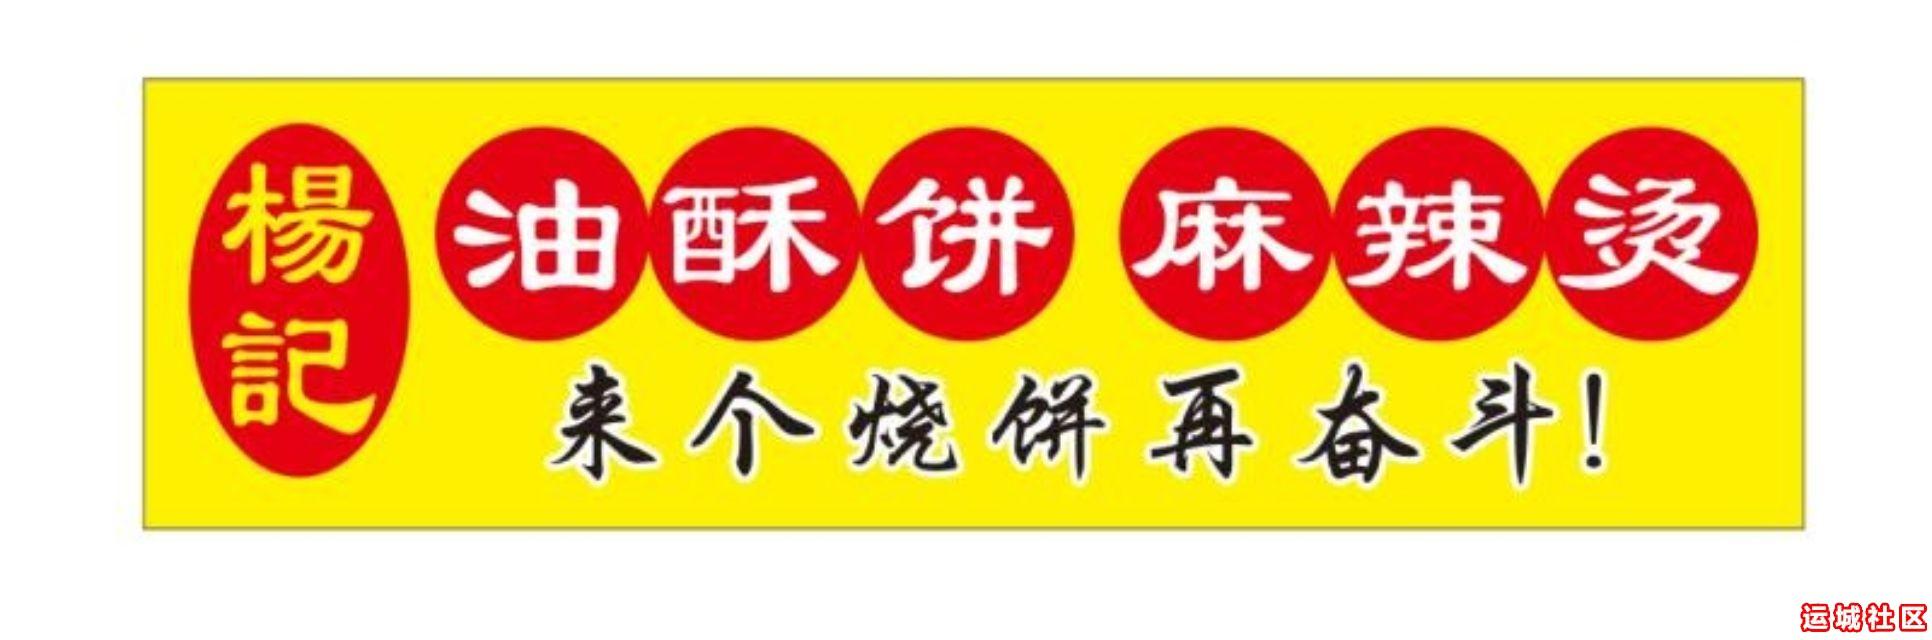 葡萄园十字口杨记油酥饼(葡萄新城楼下)